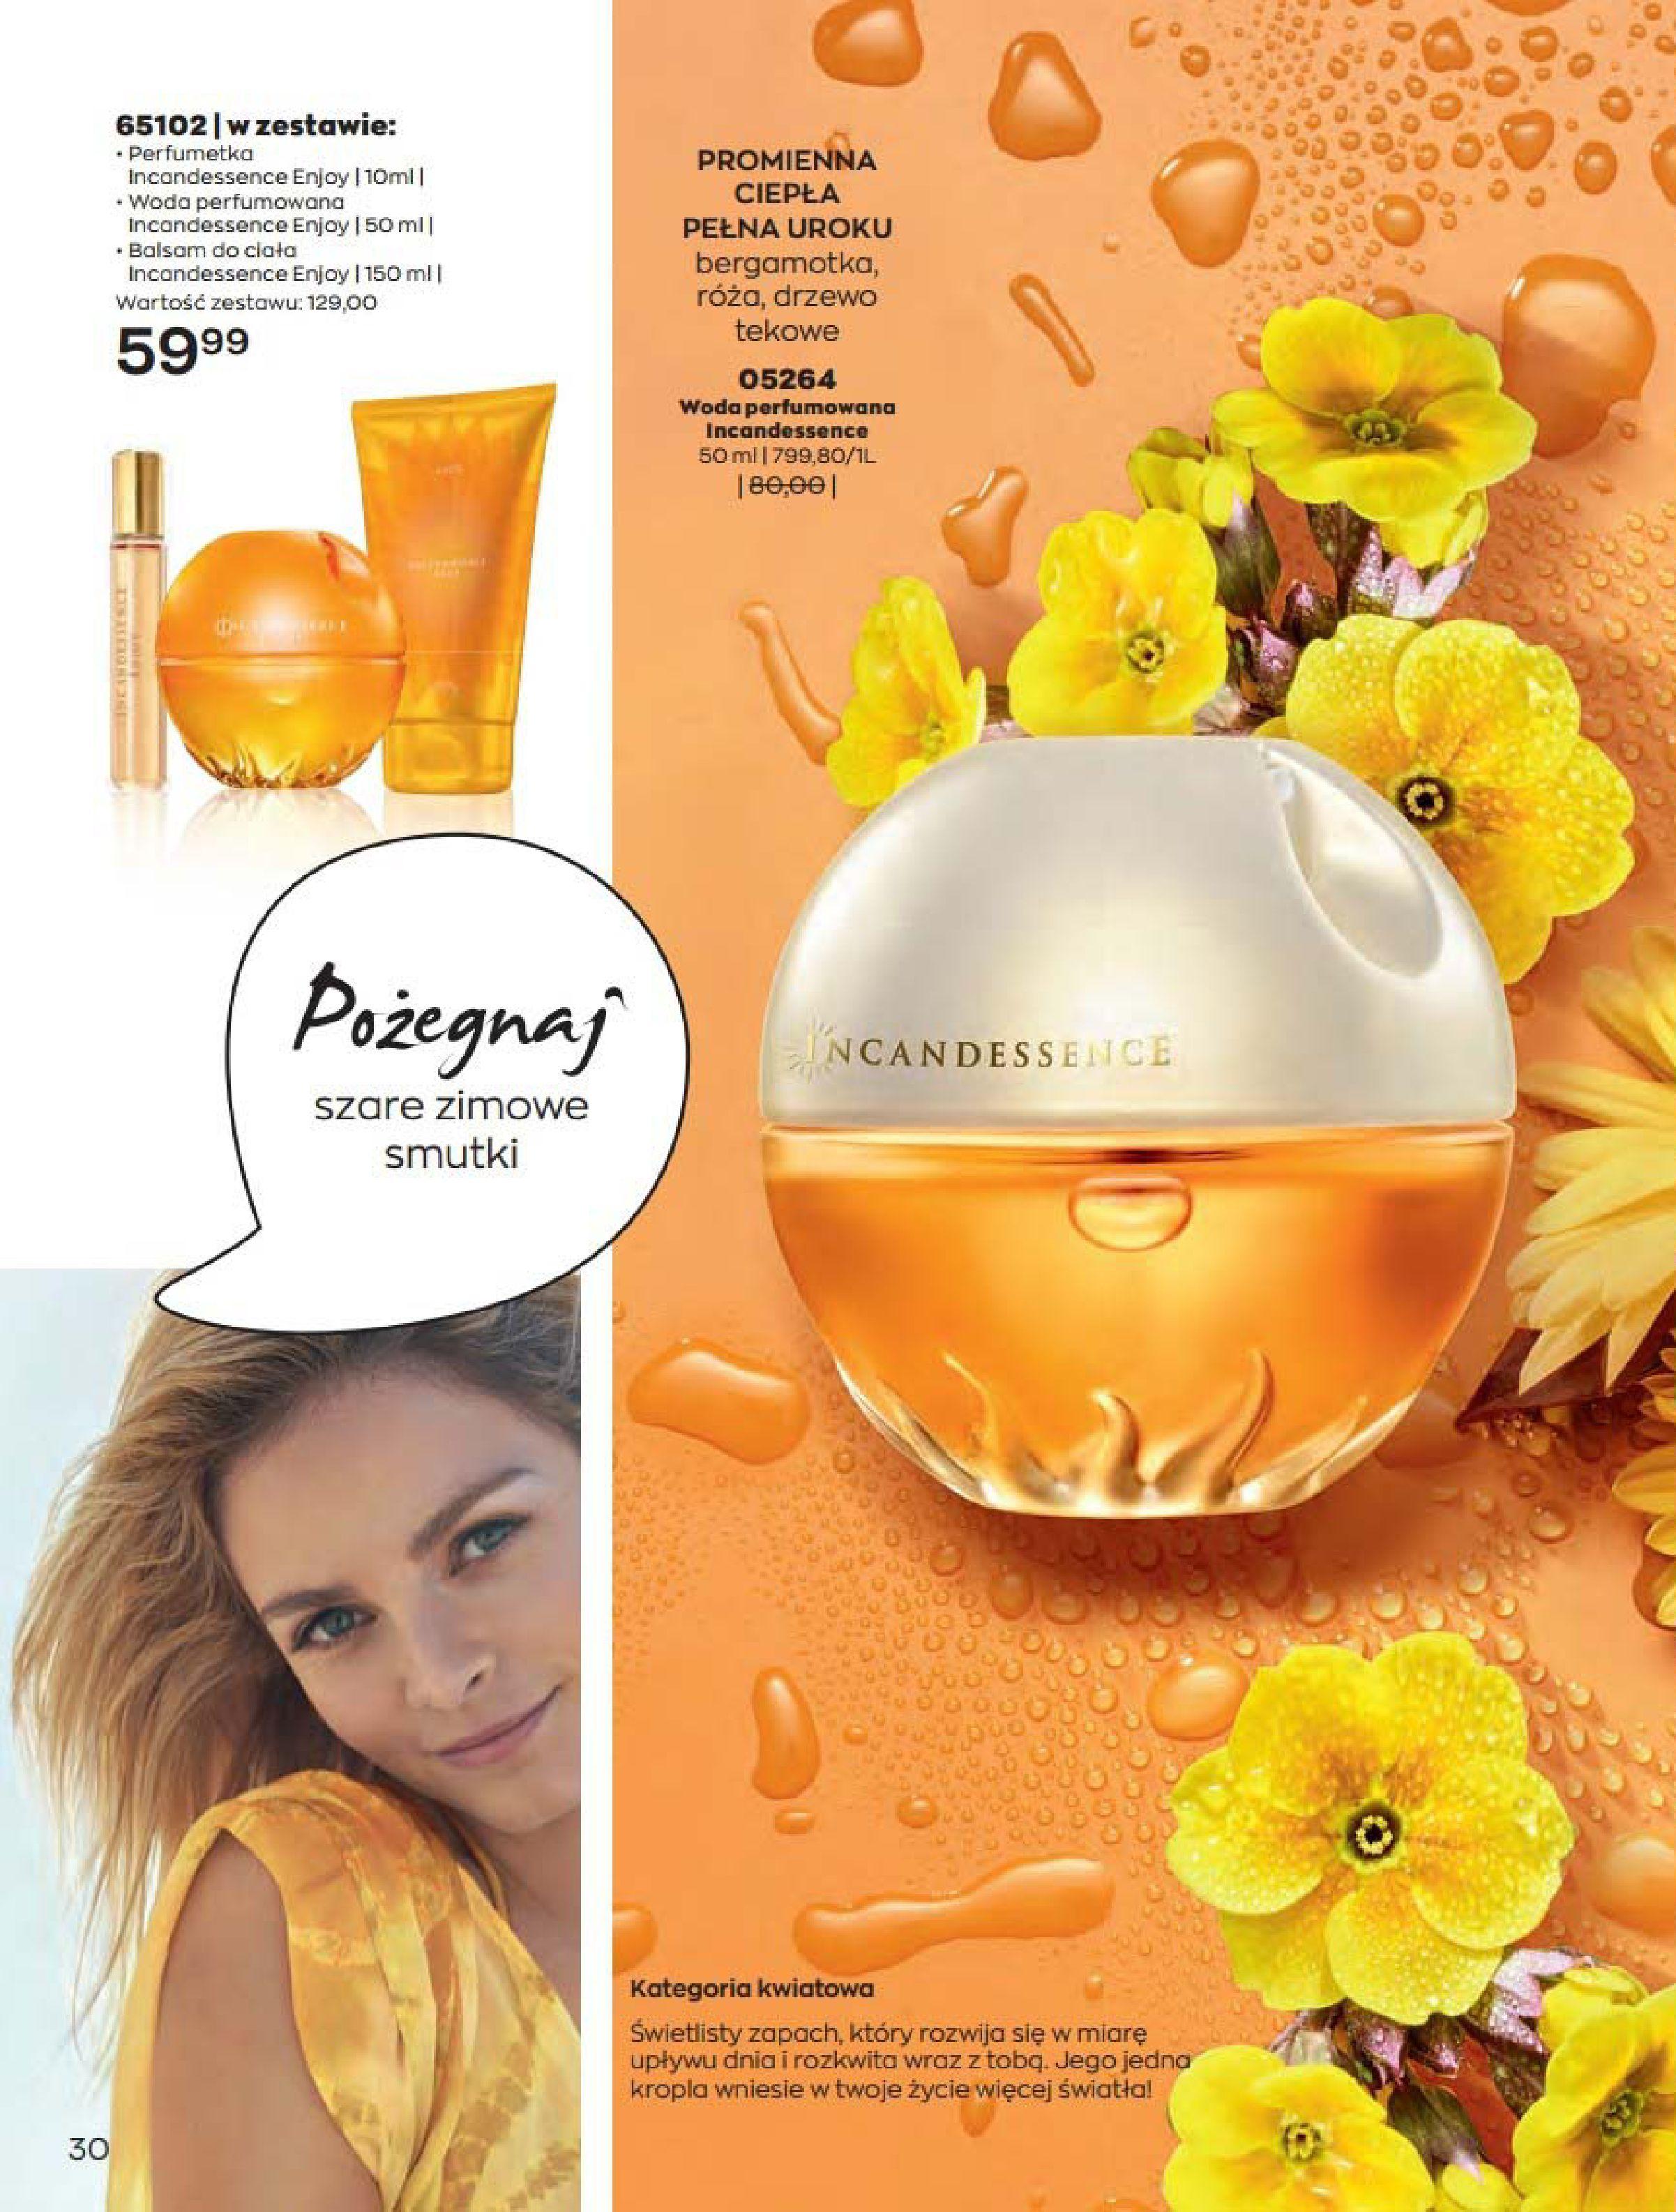 Gazetka Avon: Katalog Kwiecień 2021 2021-04-01 page-30